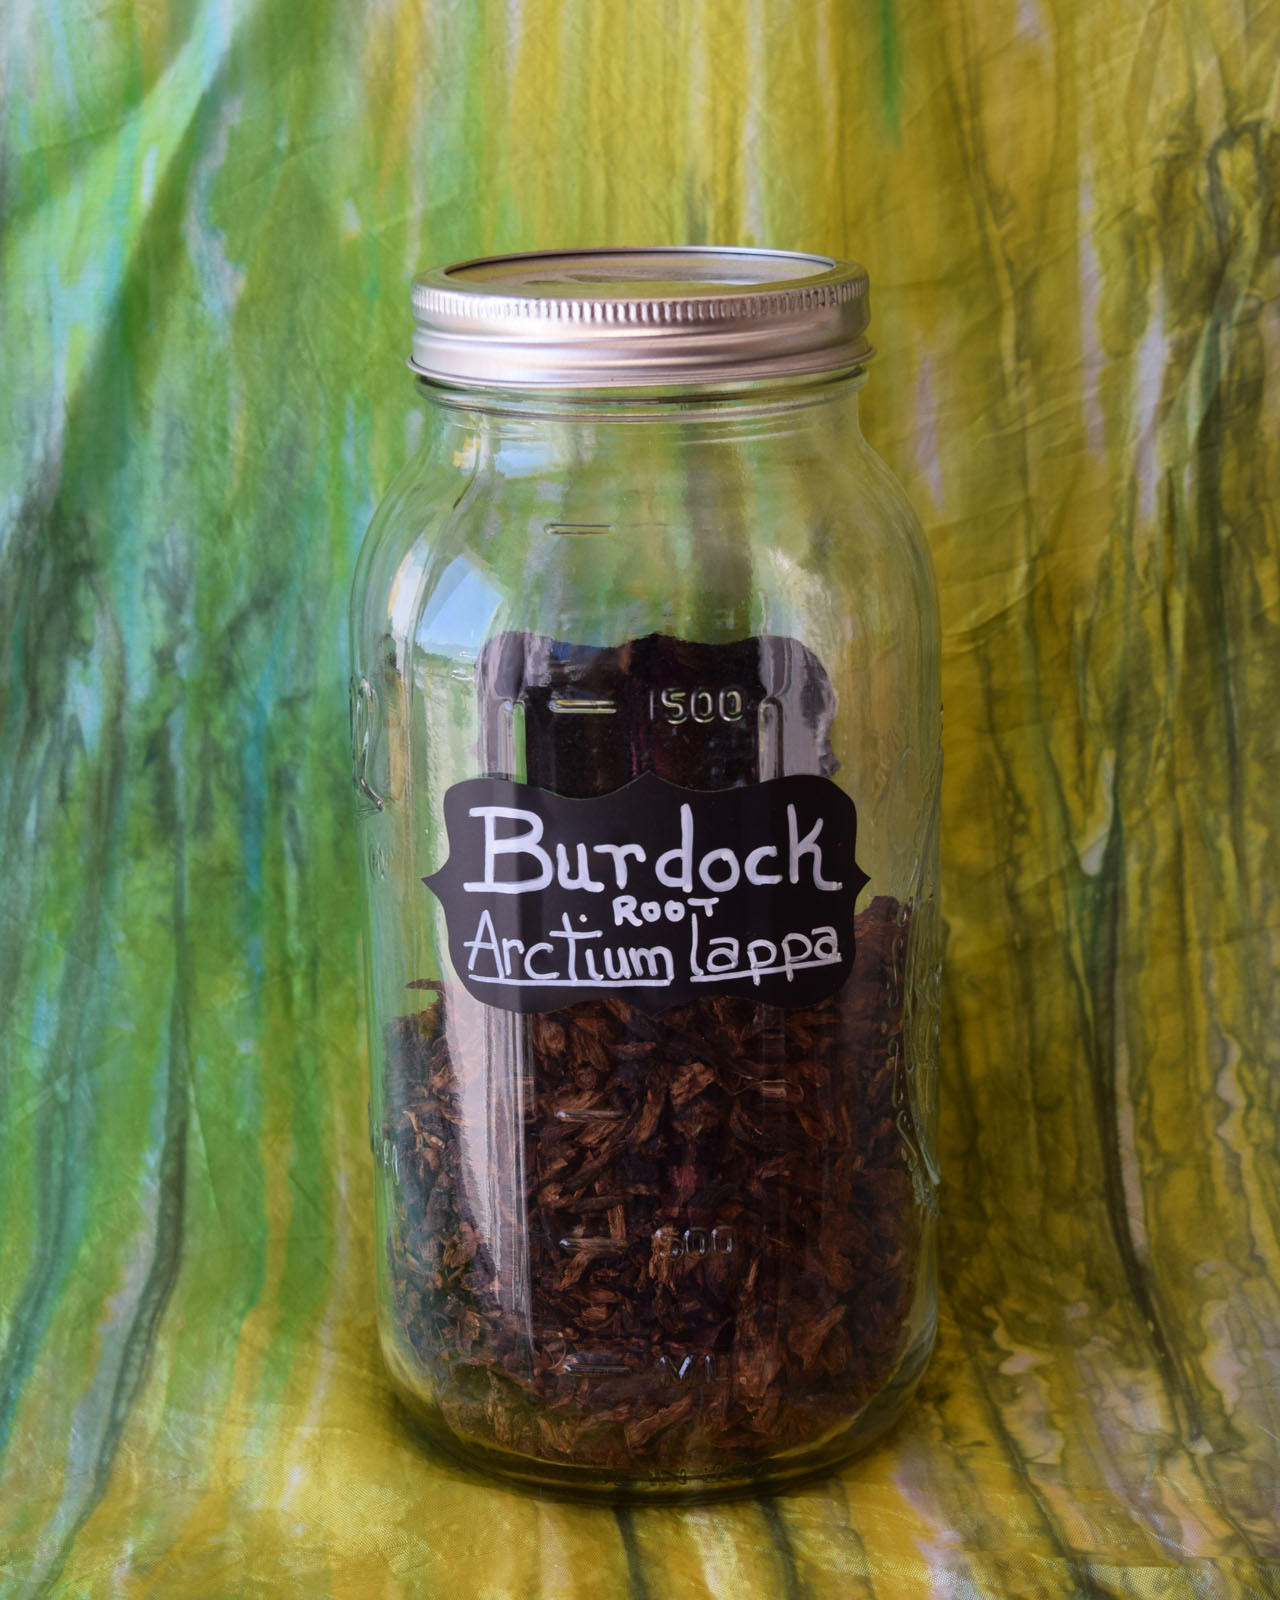 Burdock root*